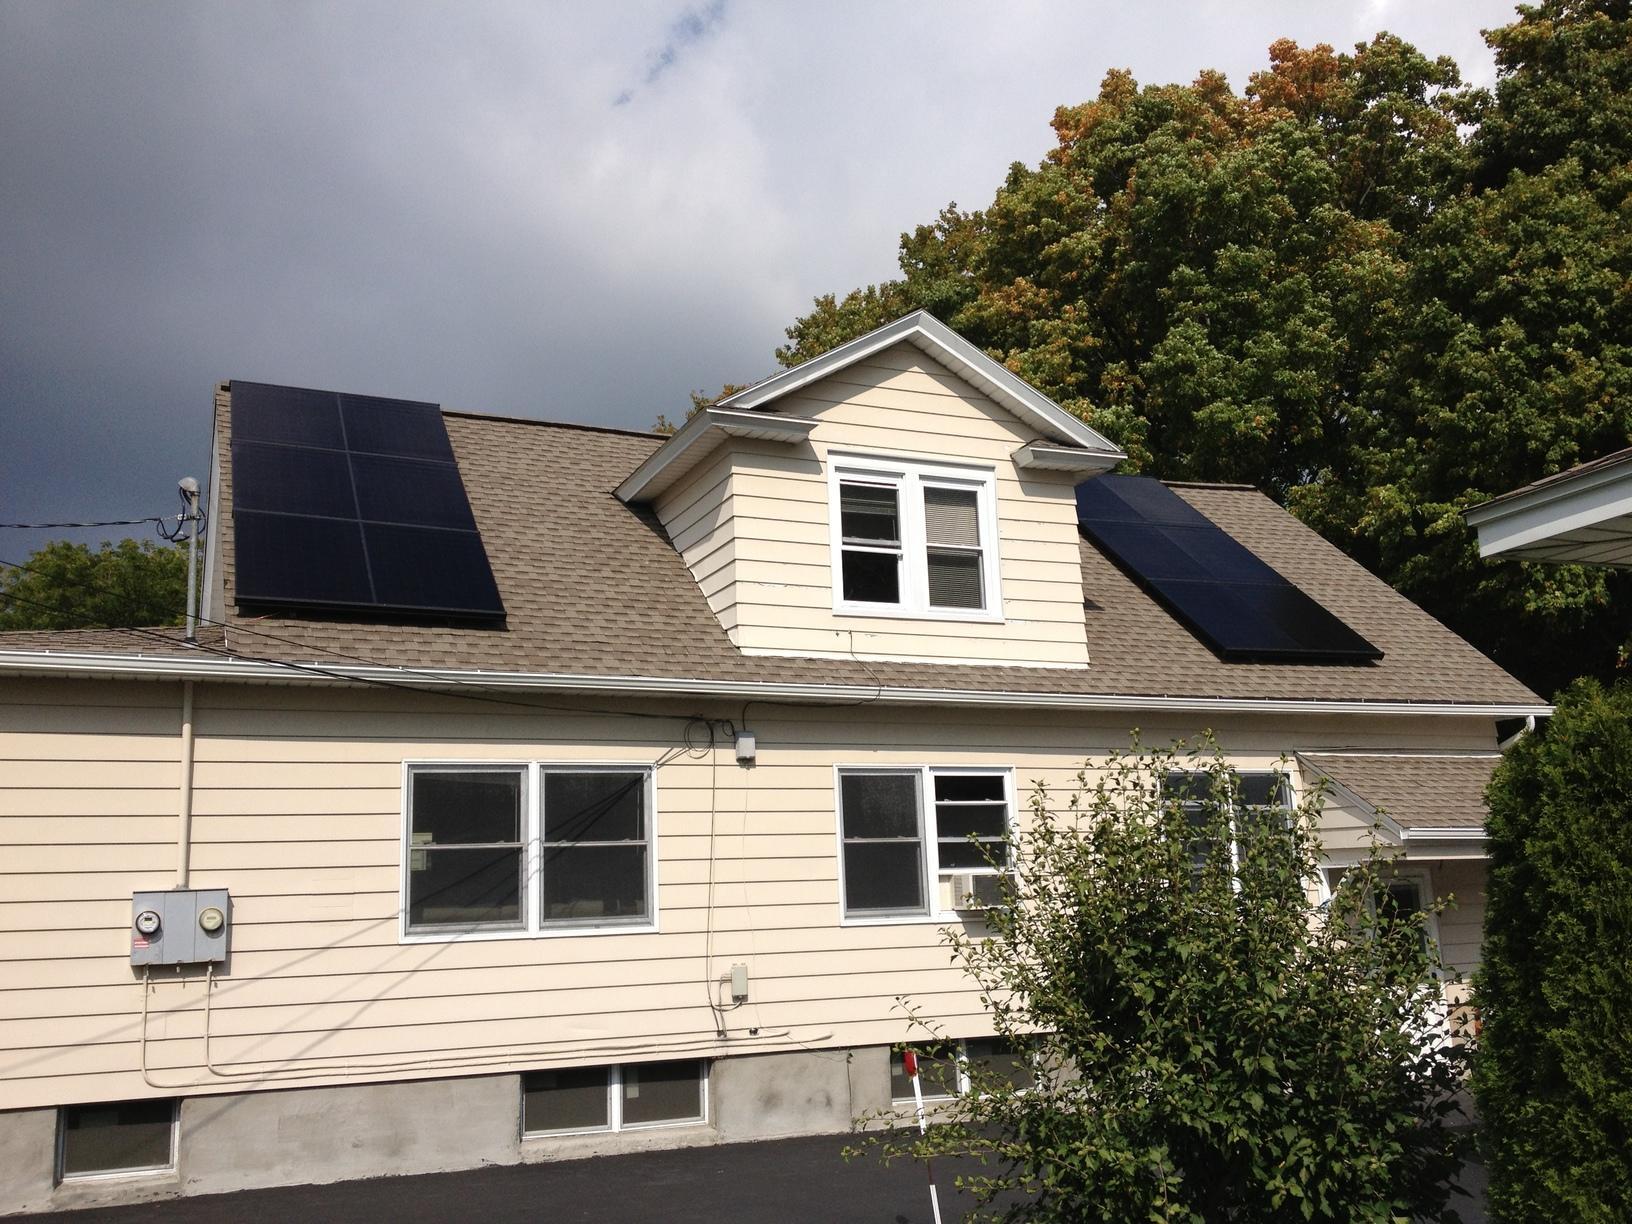 Syracuse, NY Roof-Mounted Solar Installation